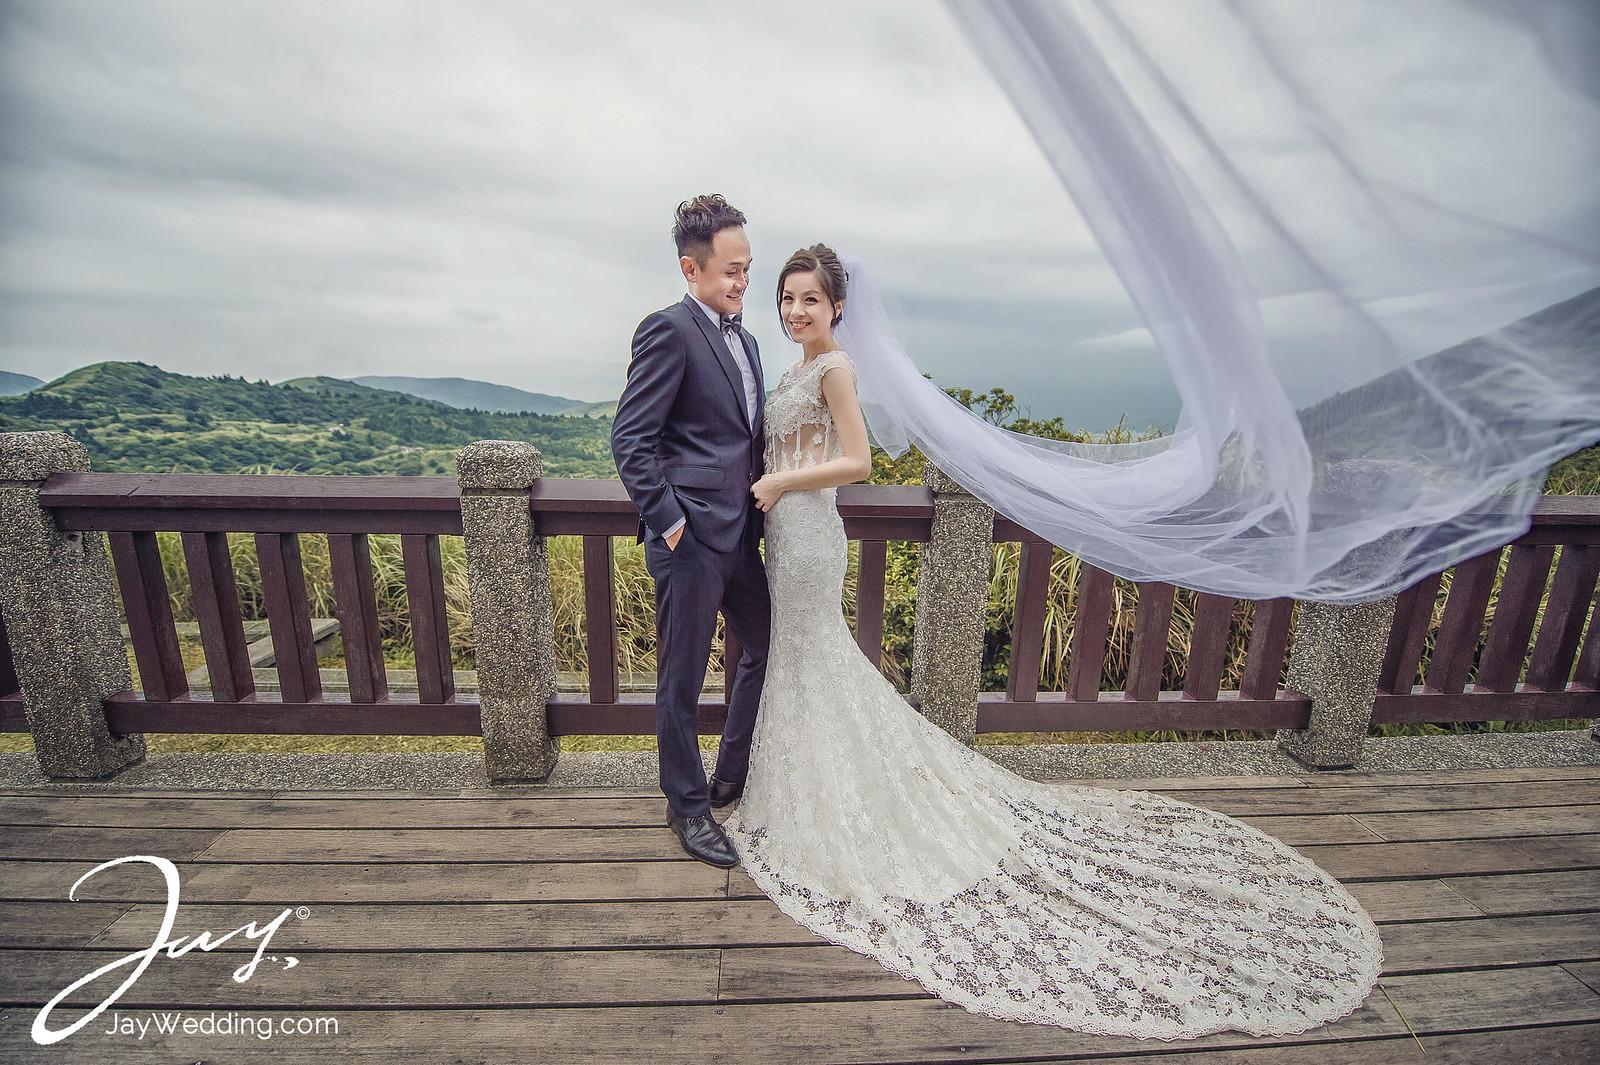 婚紗,婚攝,京都,大阪,食尚曼谷,海外婚紗,自助婚紗,自主婚紗,婚攝A-Jay,婚攝阿杰,jay hsieh,JAY_3953